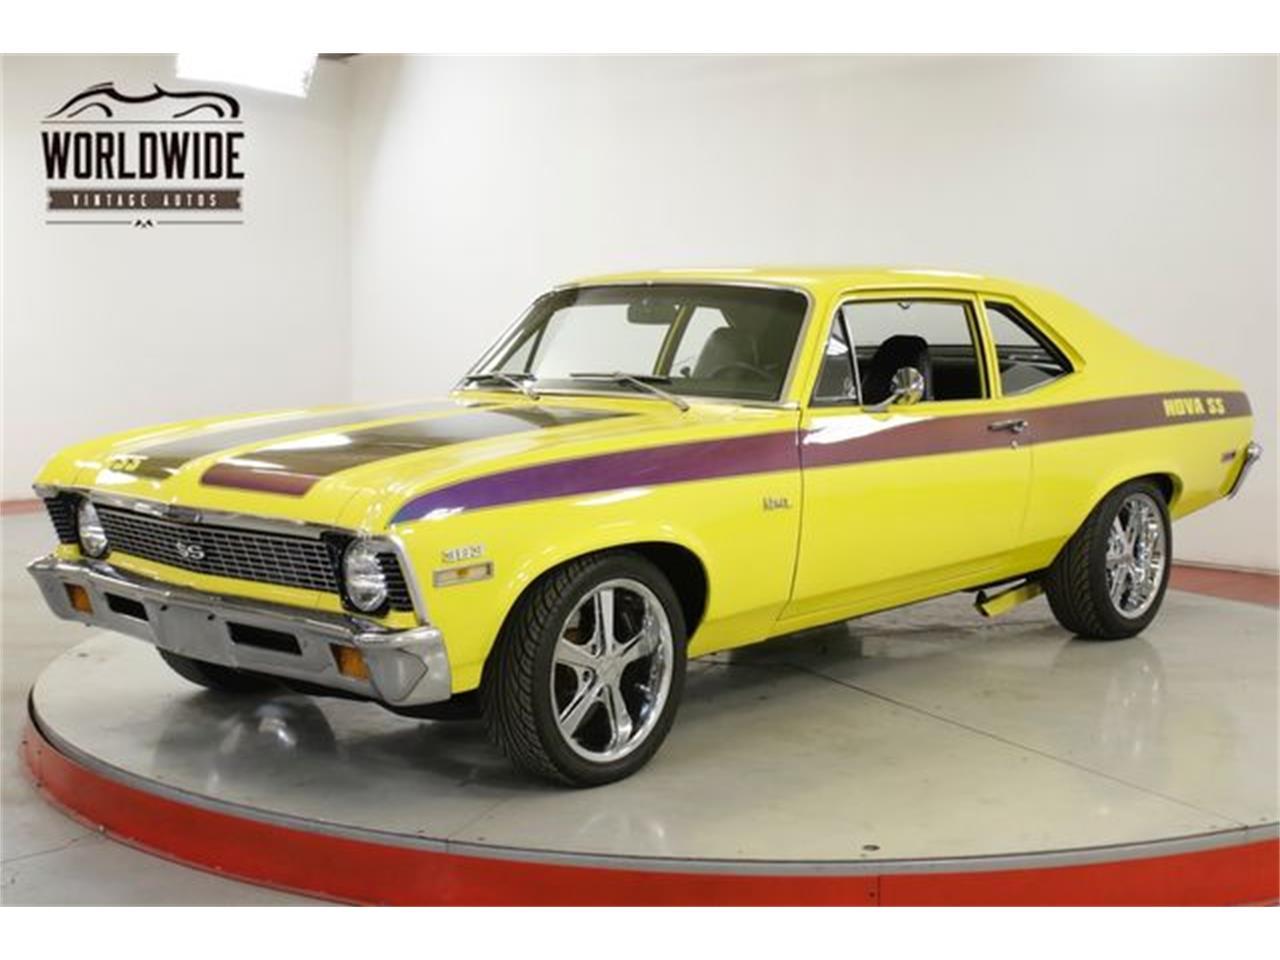 for sale 1971 chevrolet nova in denver , colorado cars - denver, co at geebo